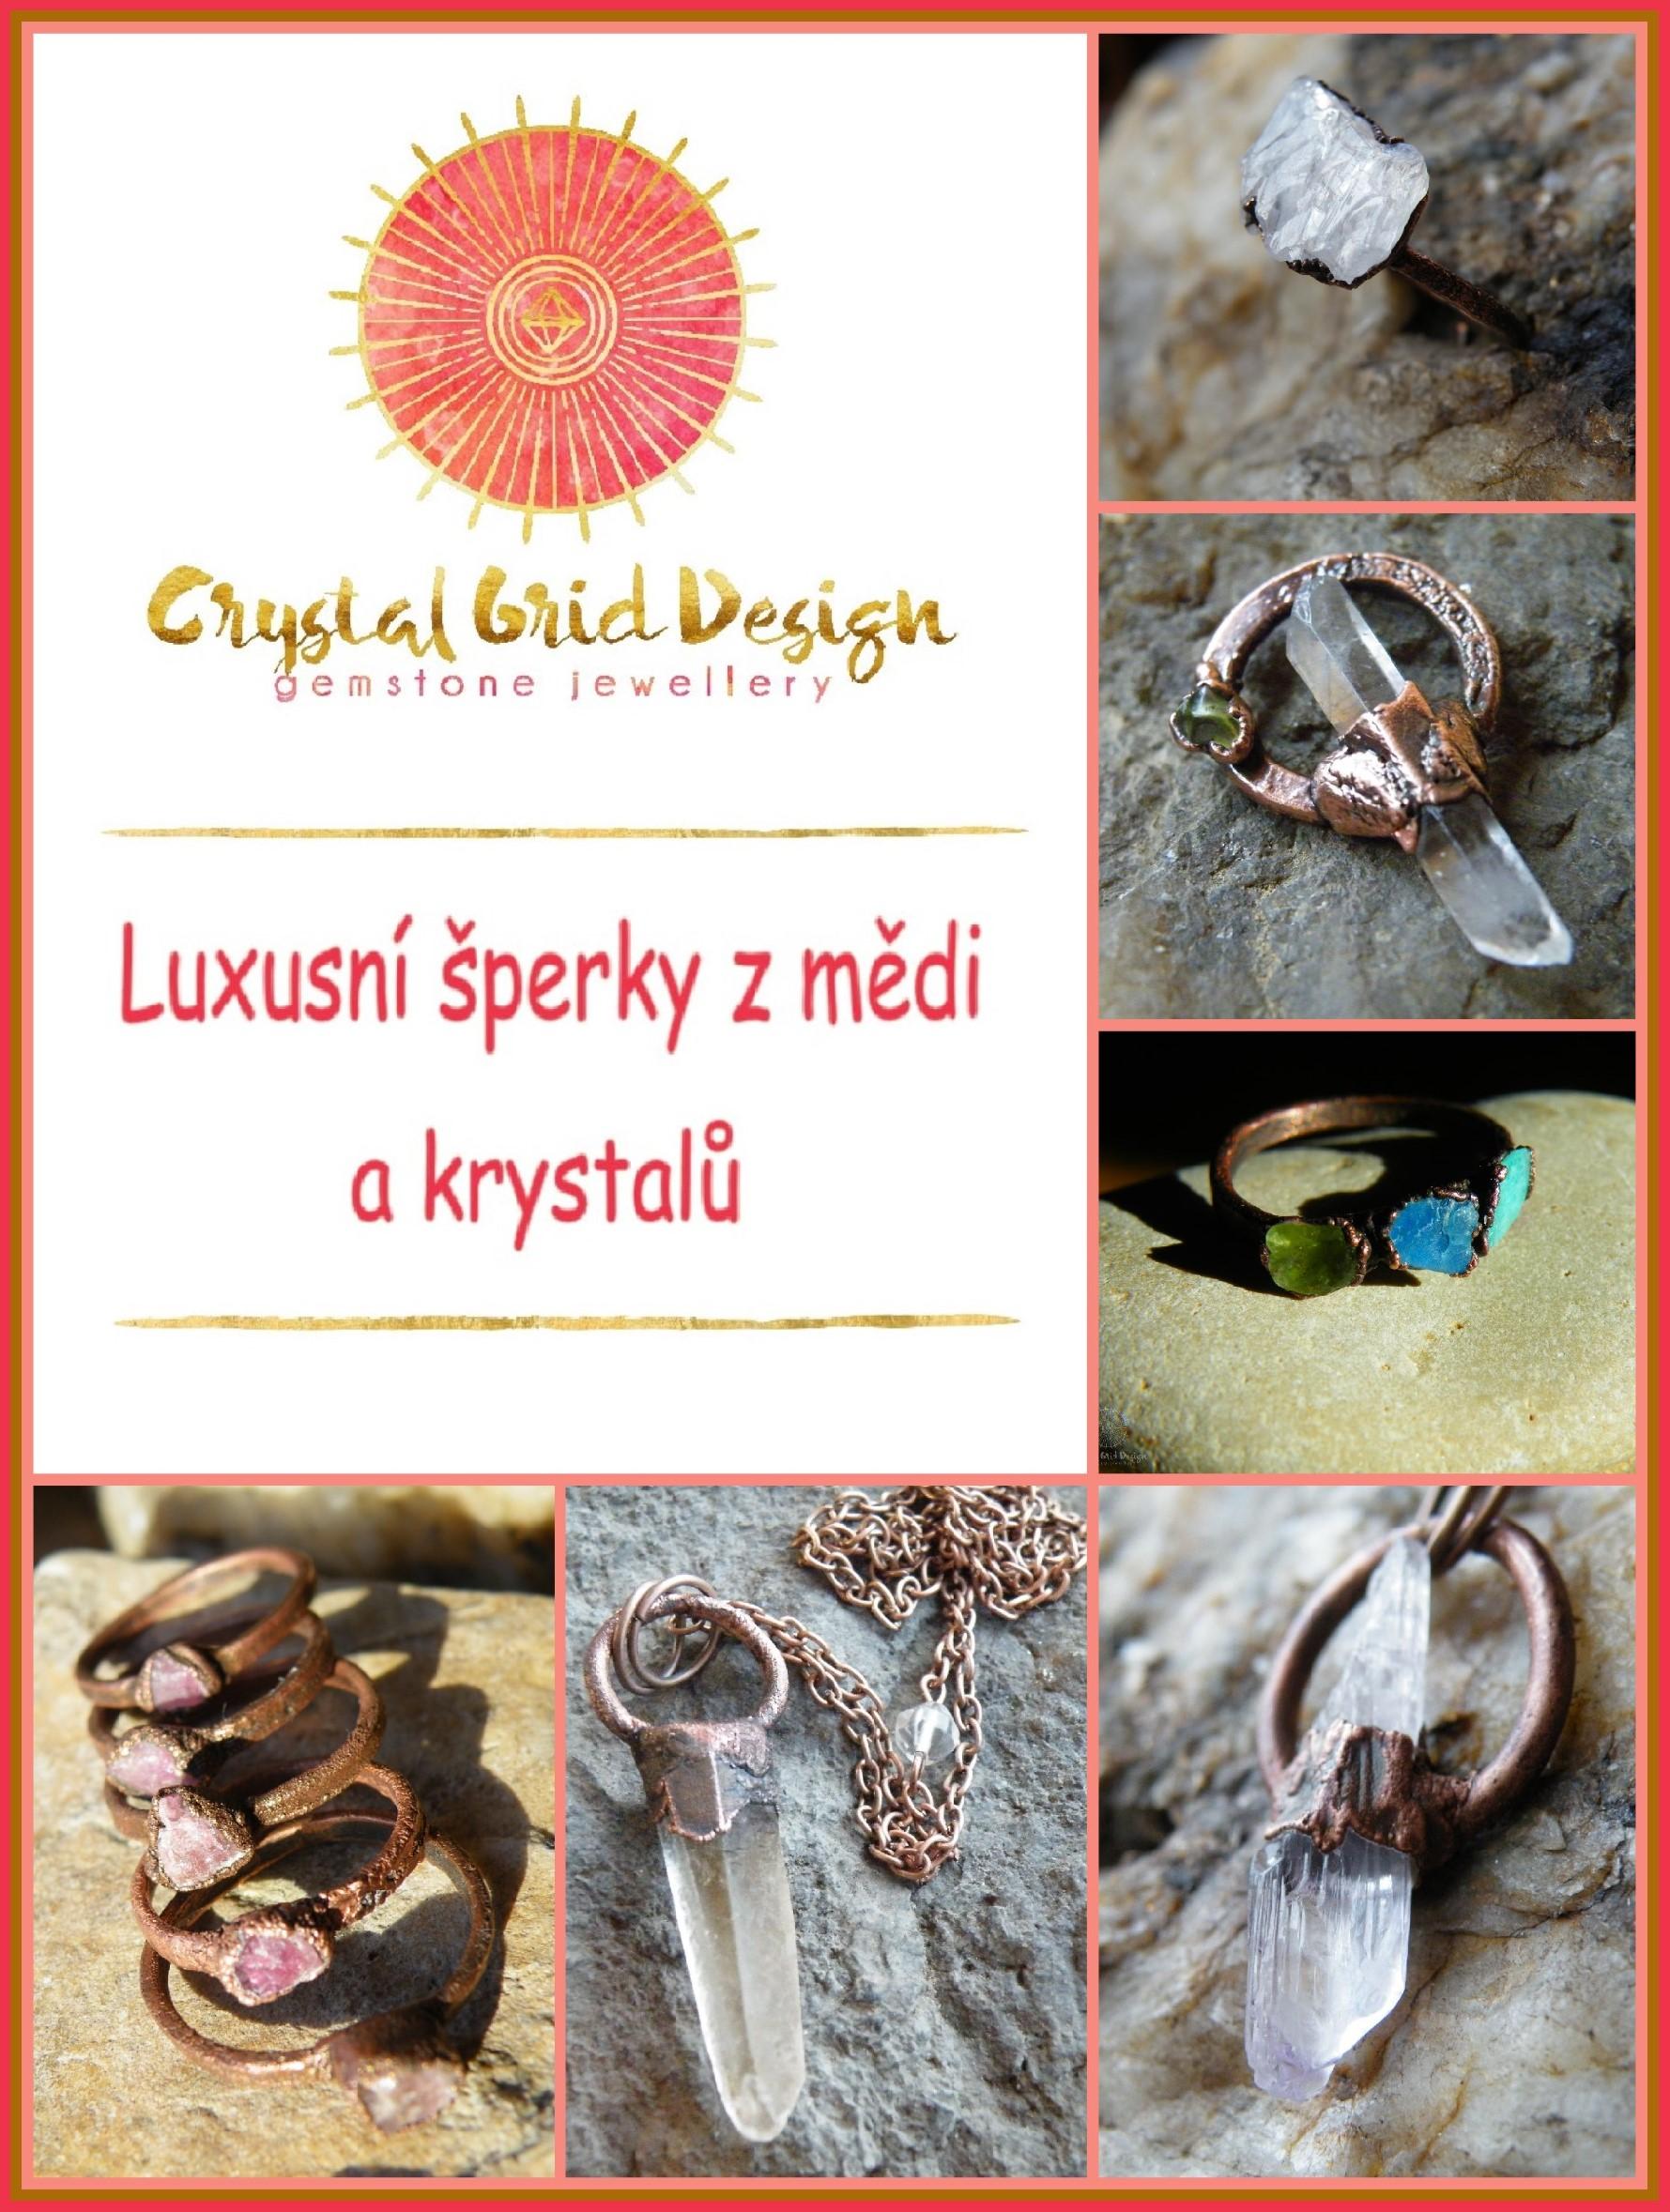 Crystal Grid Design - Luxusní šperky